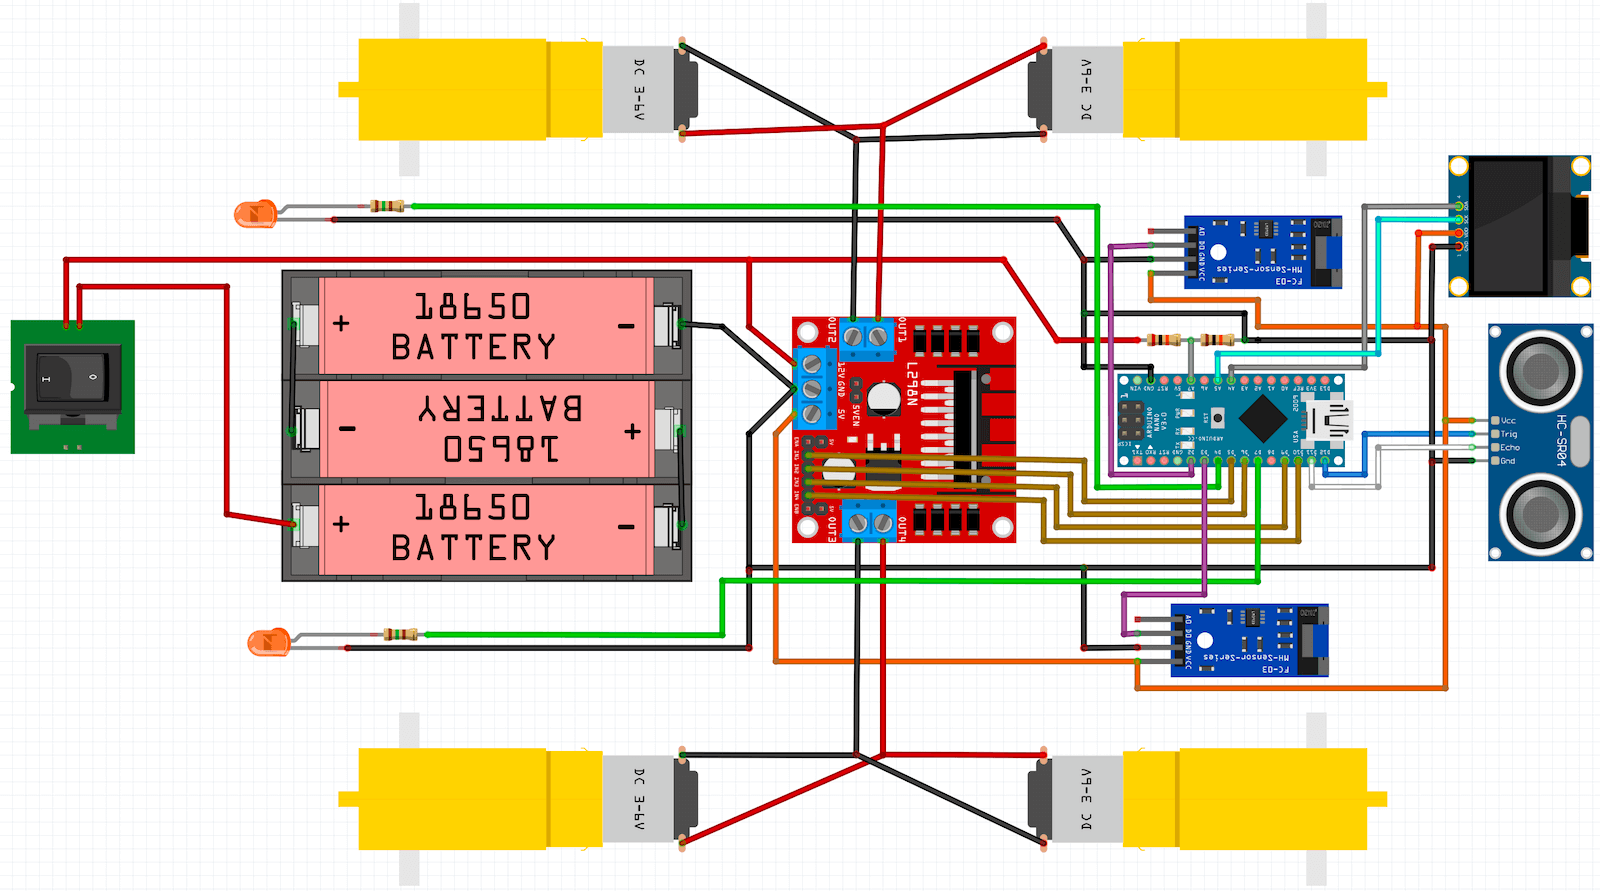 OpenBot - принципиальная схема робота